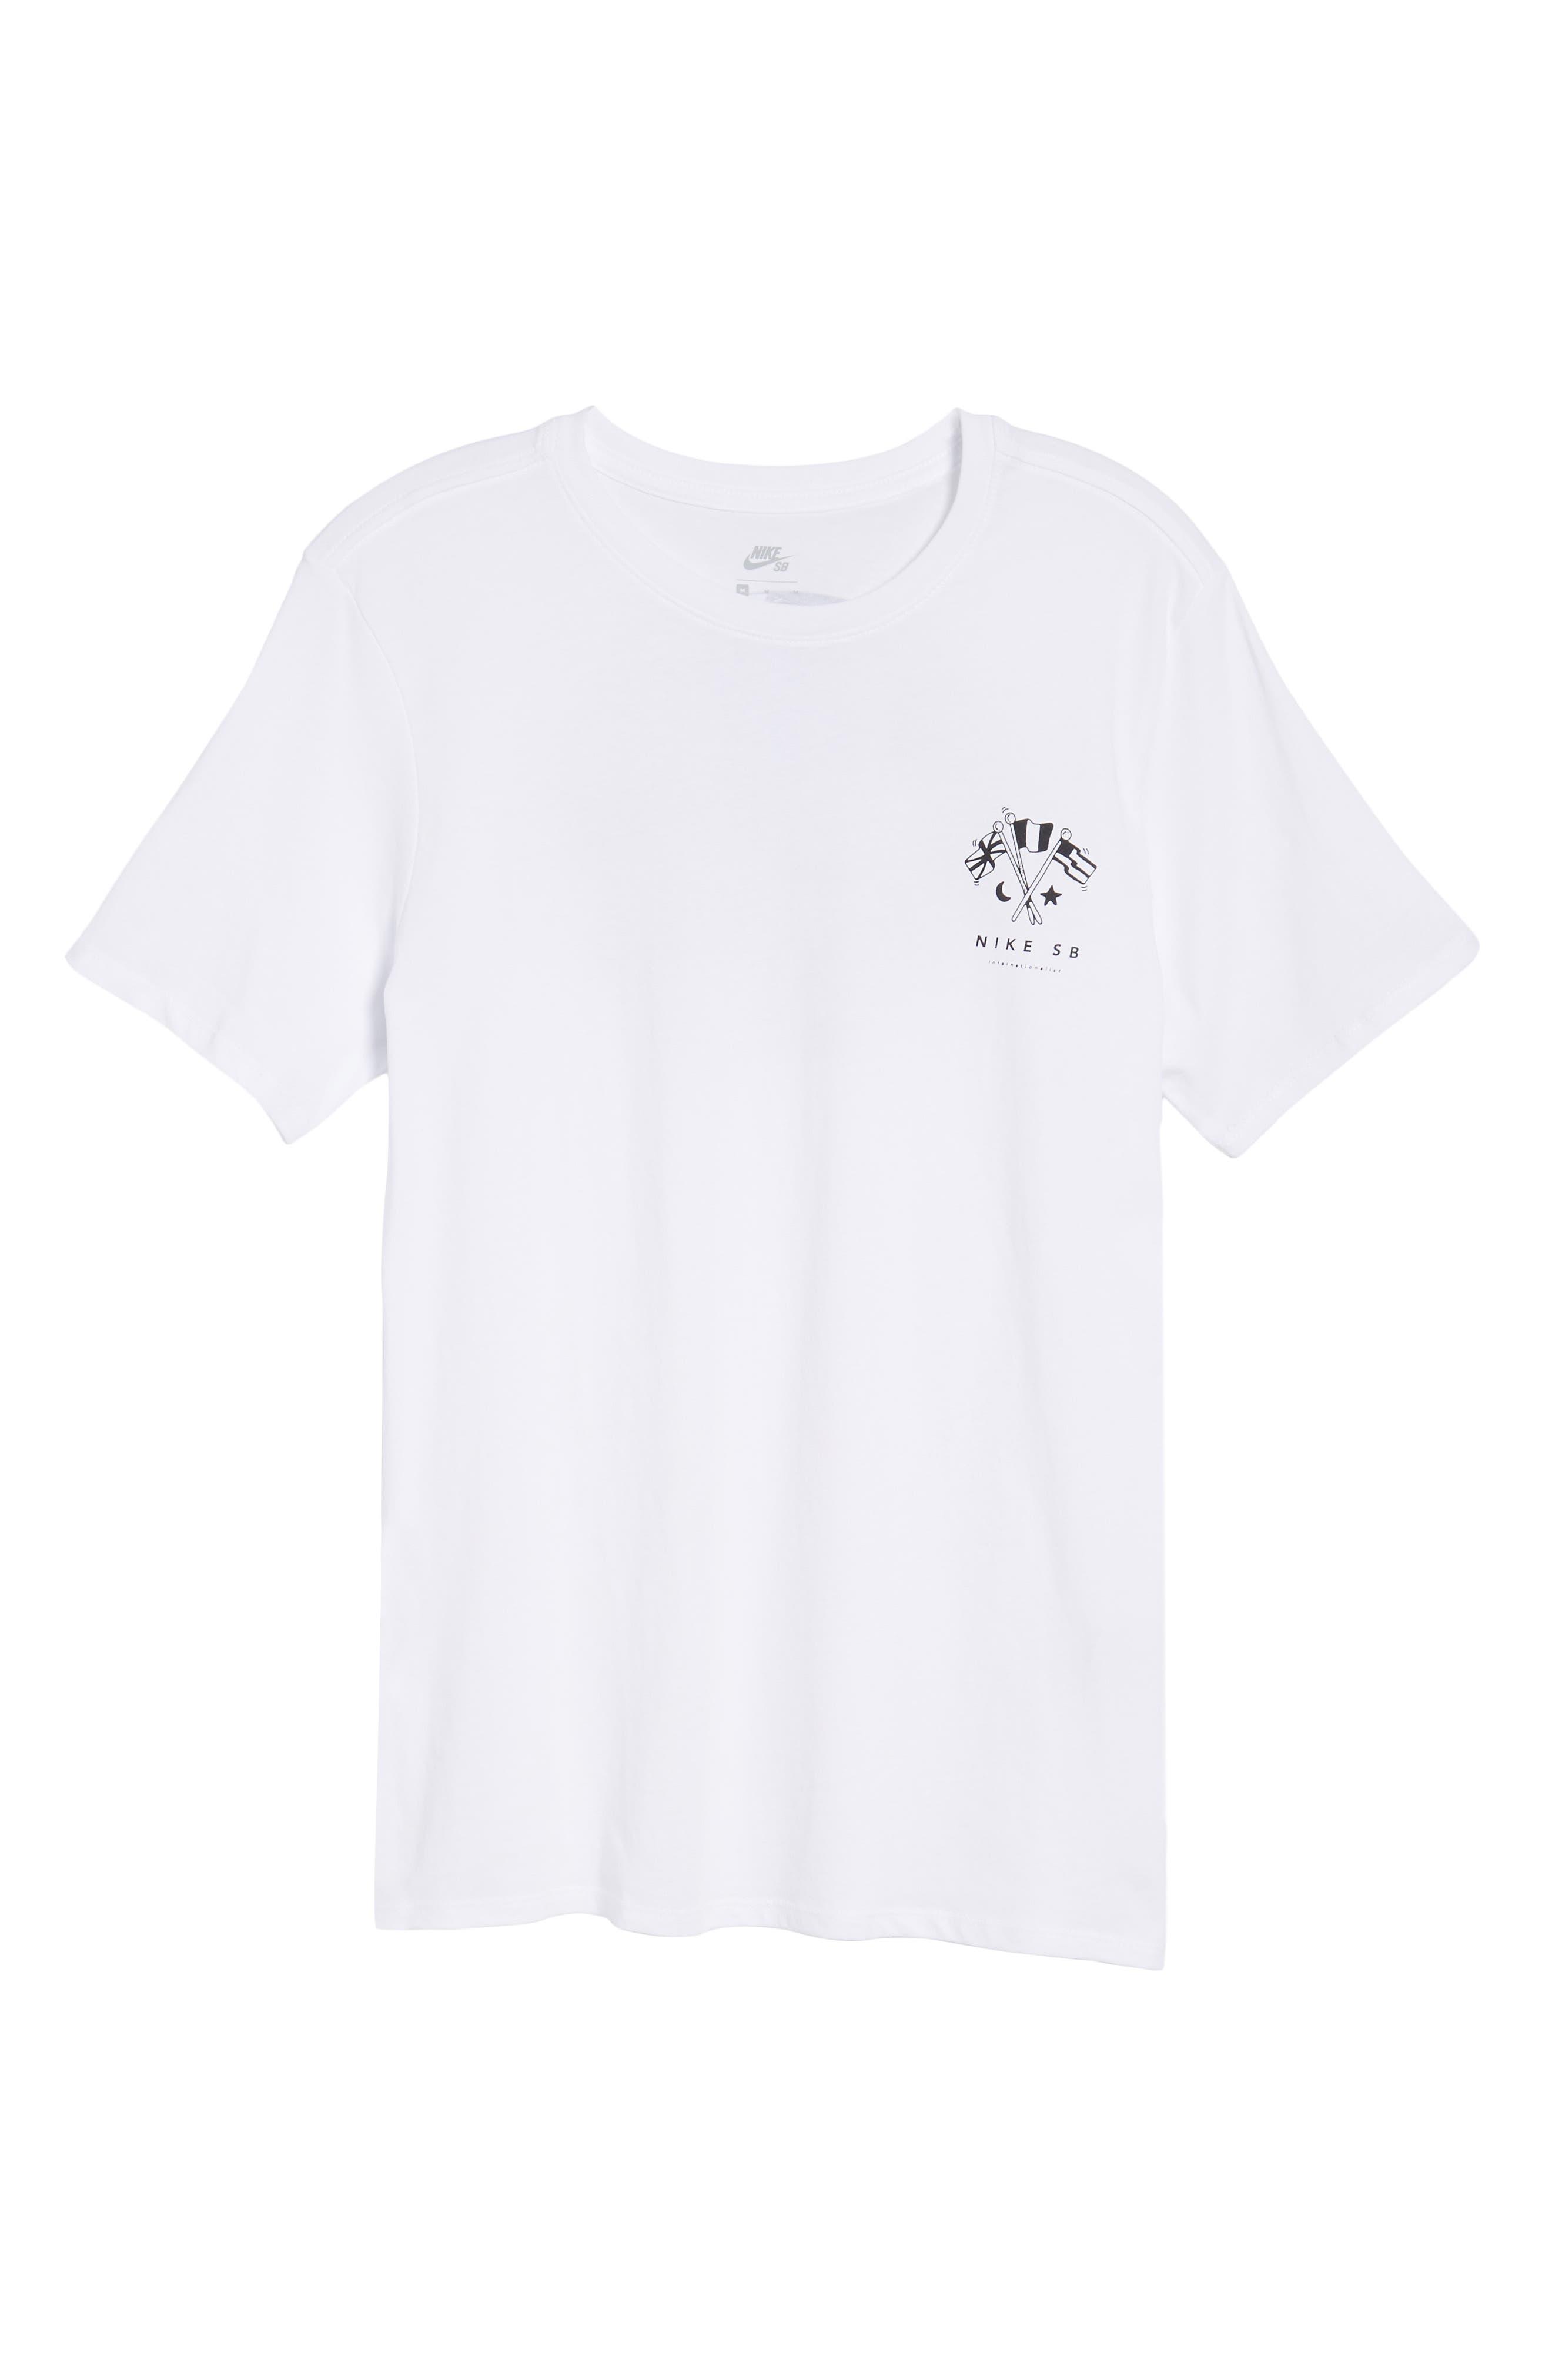 SB Monuments T-Shirt,                             Alternate thumbnail 6, color,